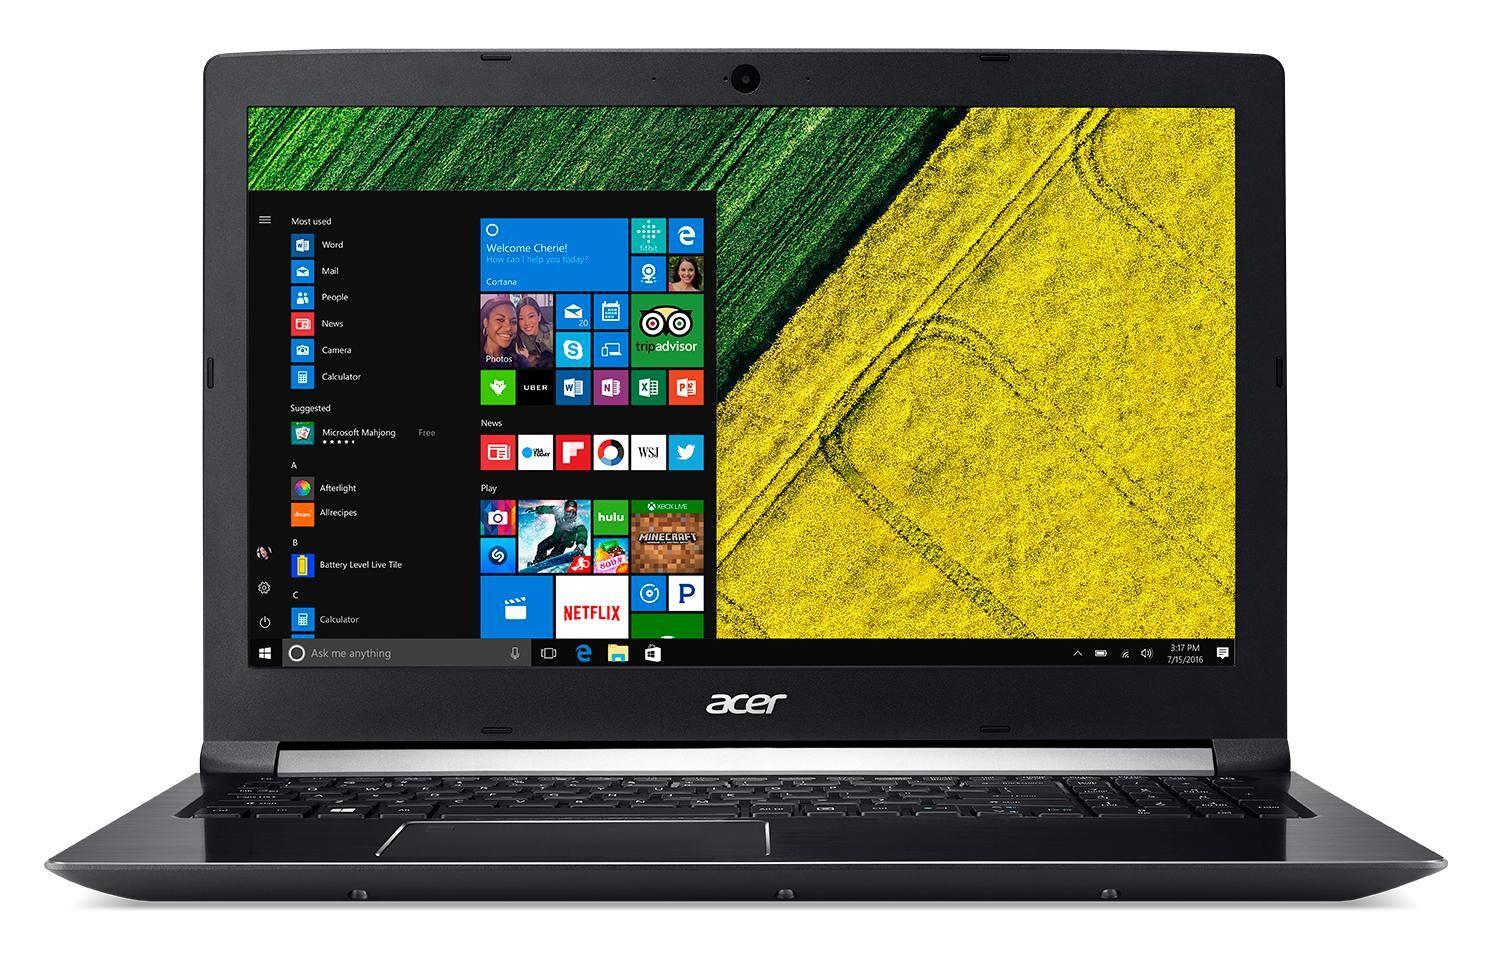 """ACER Aspire A715-72G-78HK Noir Ordinateur portable 39,6 cm (15.6"""") 1920 x 1080 pixels 2,20 GHz Intel® Core? i7 de 8e génération i7-8750H"""